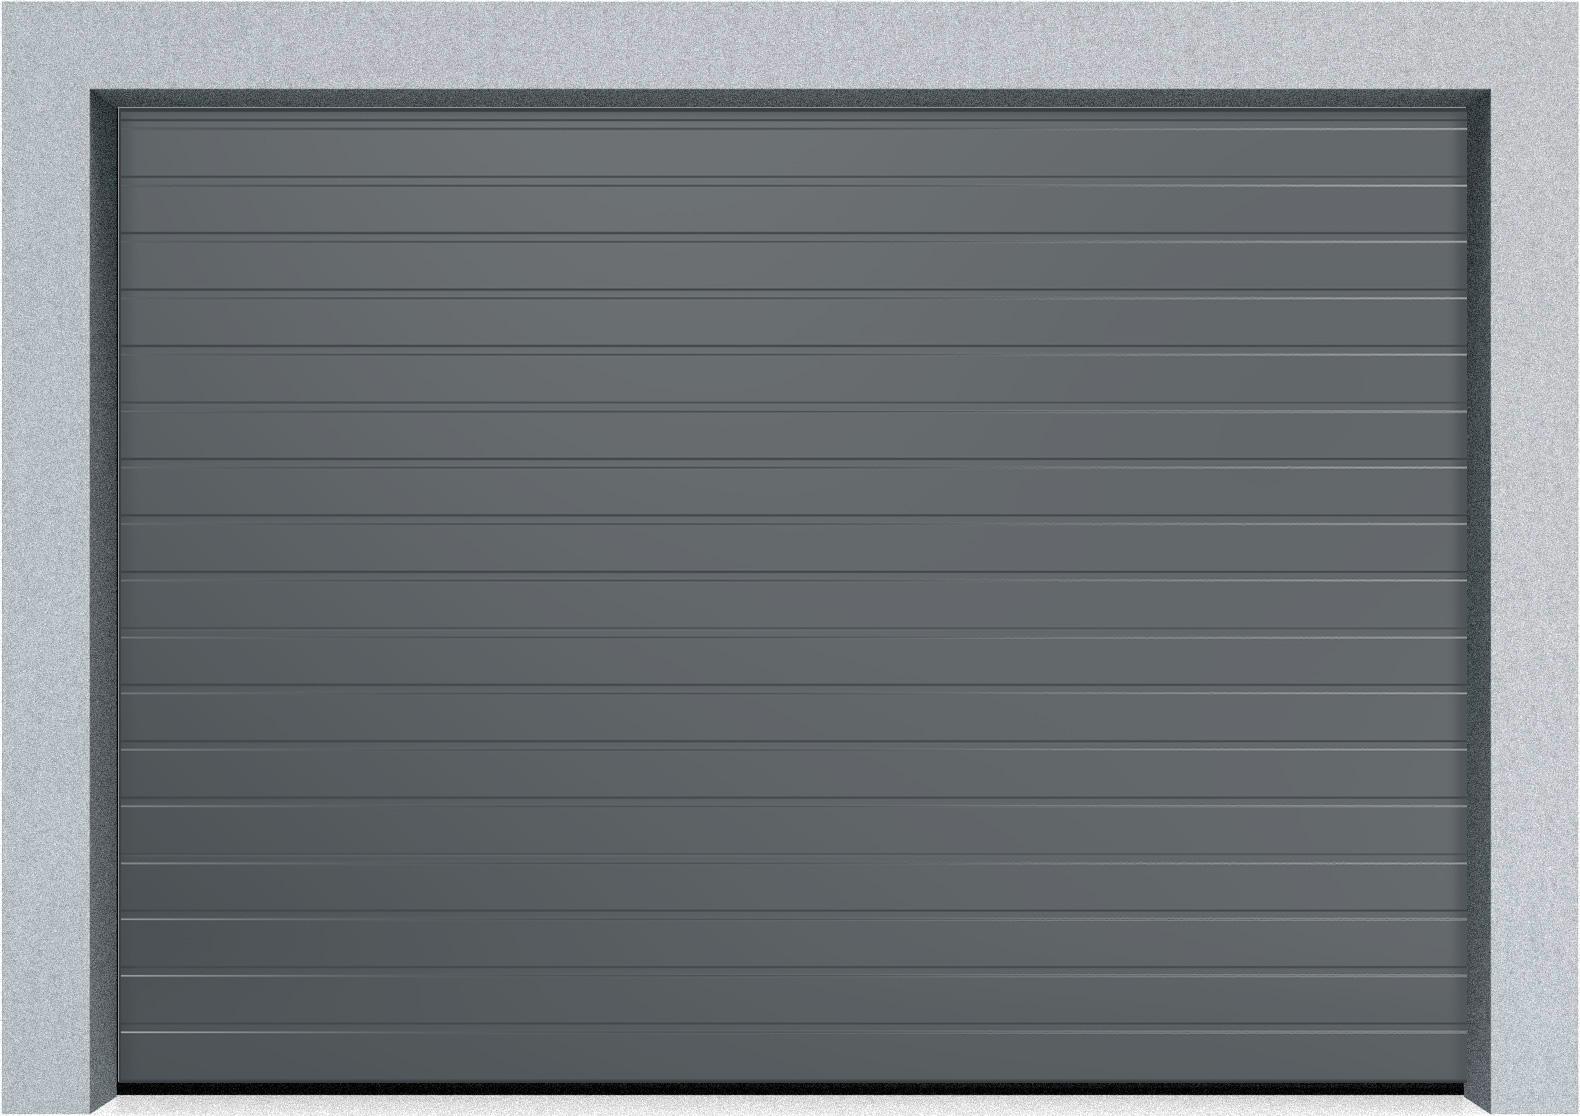 Секционные промышленные ворота Alutech ProTrend 1750х2500 S-гофр, Микроволна стандартные цвета, фото 9